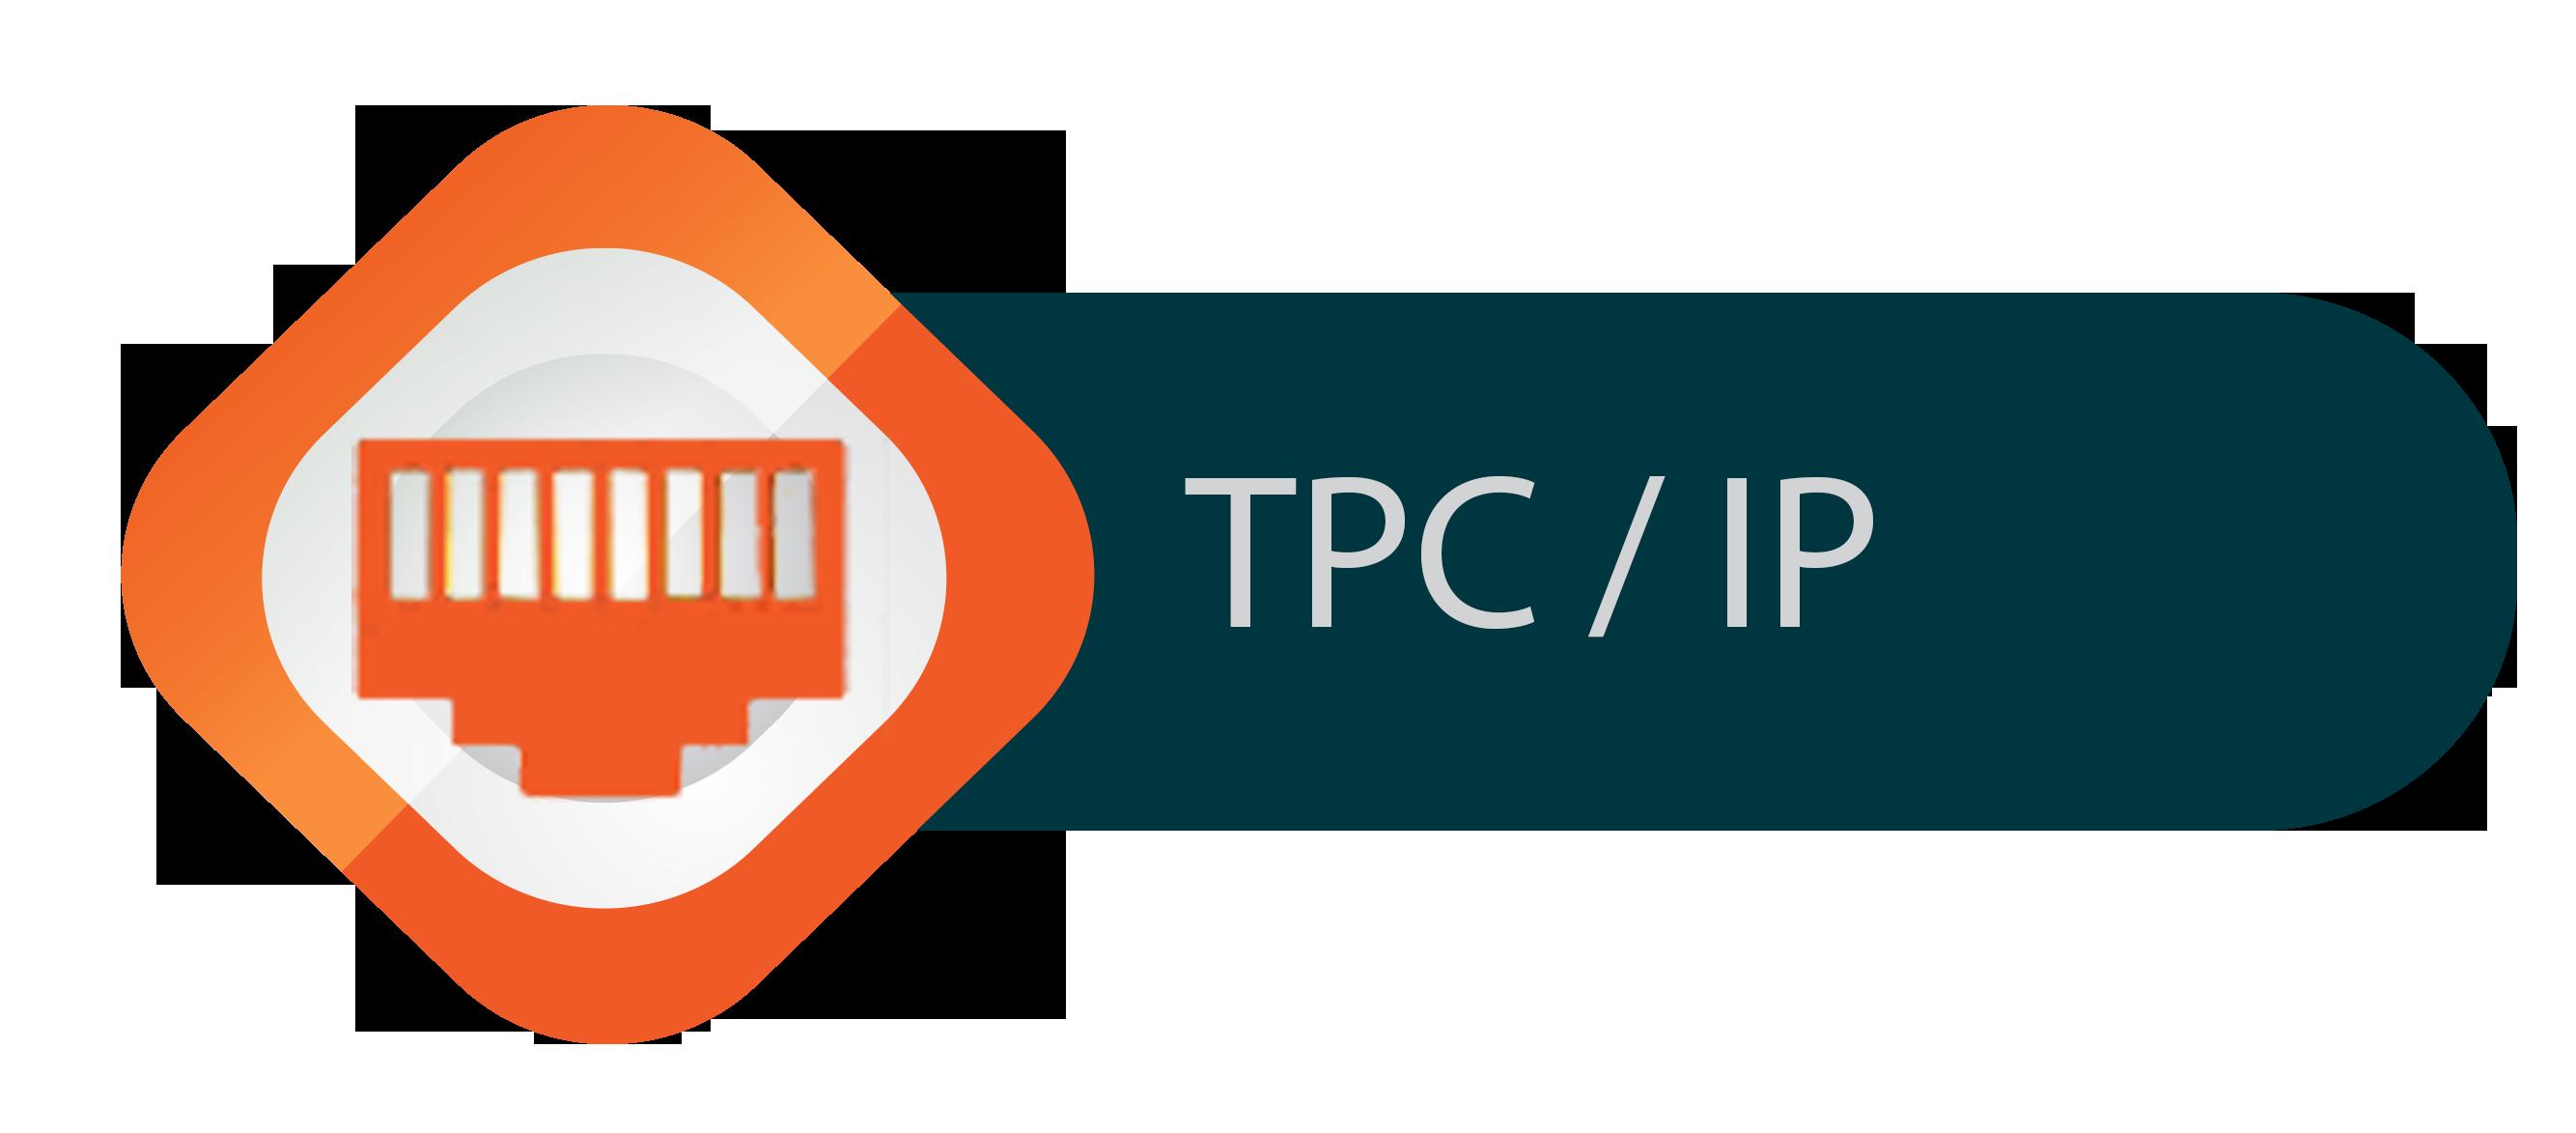 TCP_IP_Terminal_Controlo_Presenças_Acessos_reconhecimento_Facial_Impressão_digital